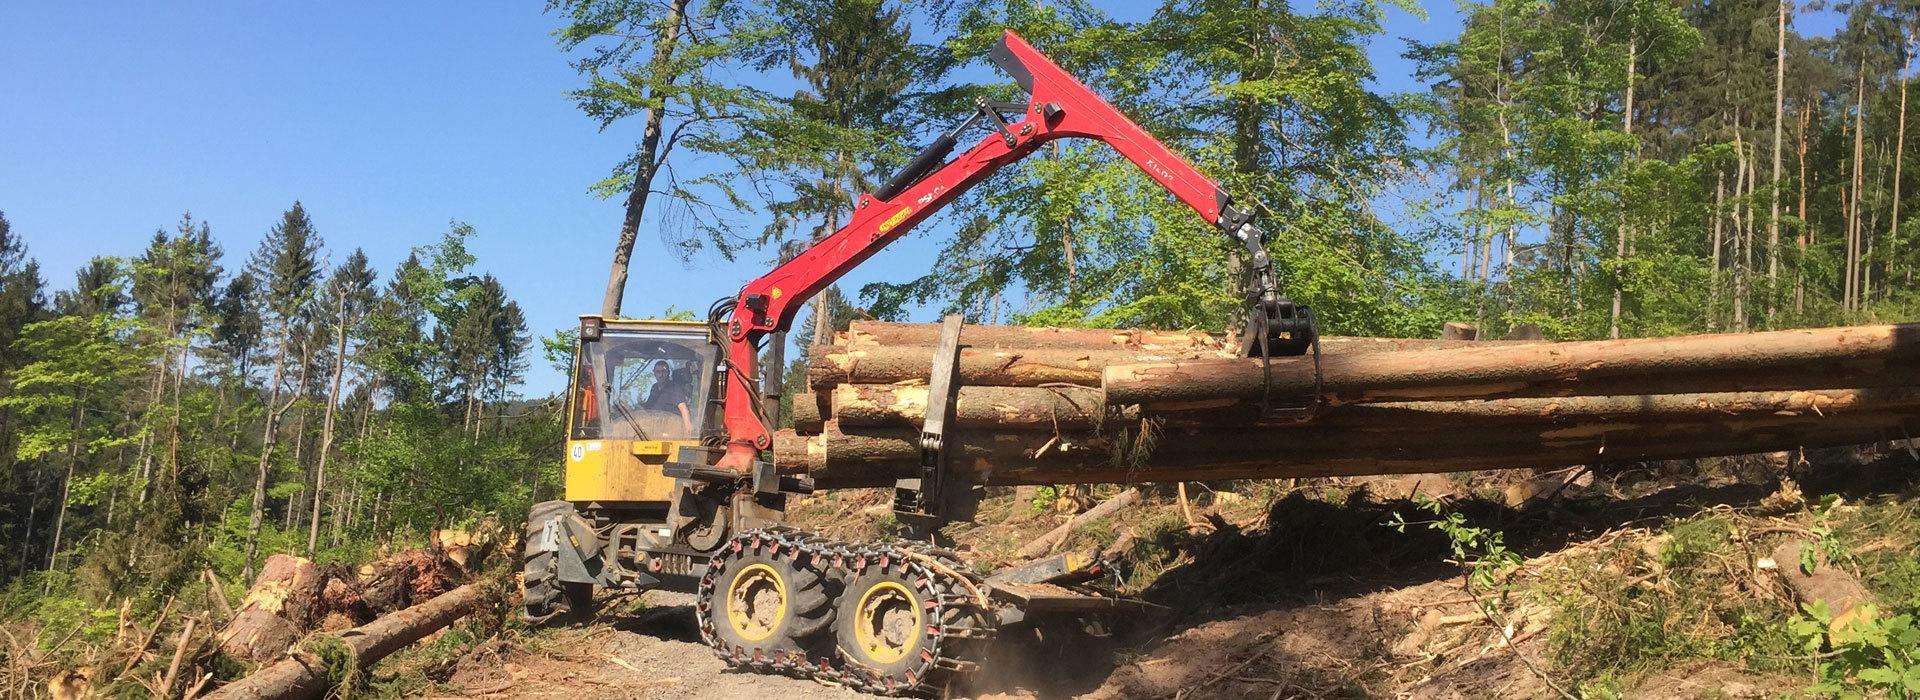 Holzeinschlag-Holzrueckung